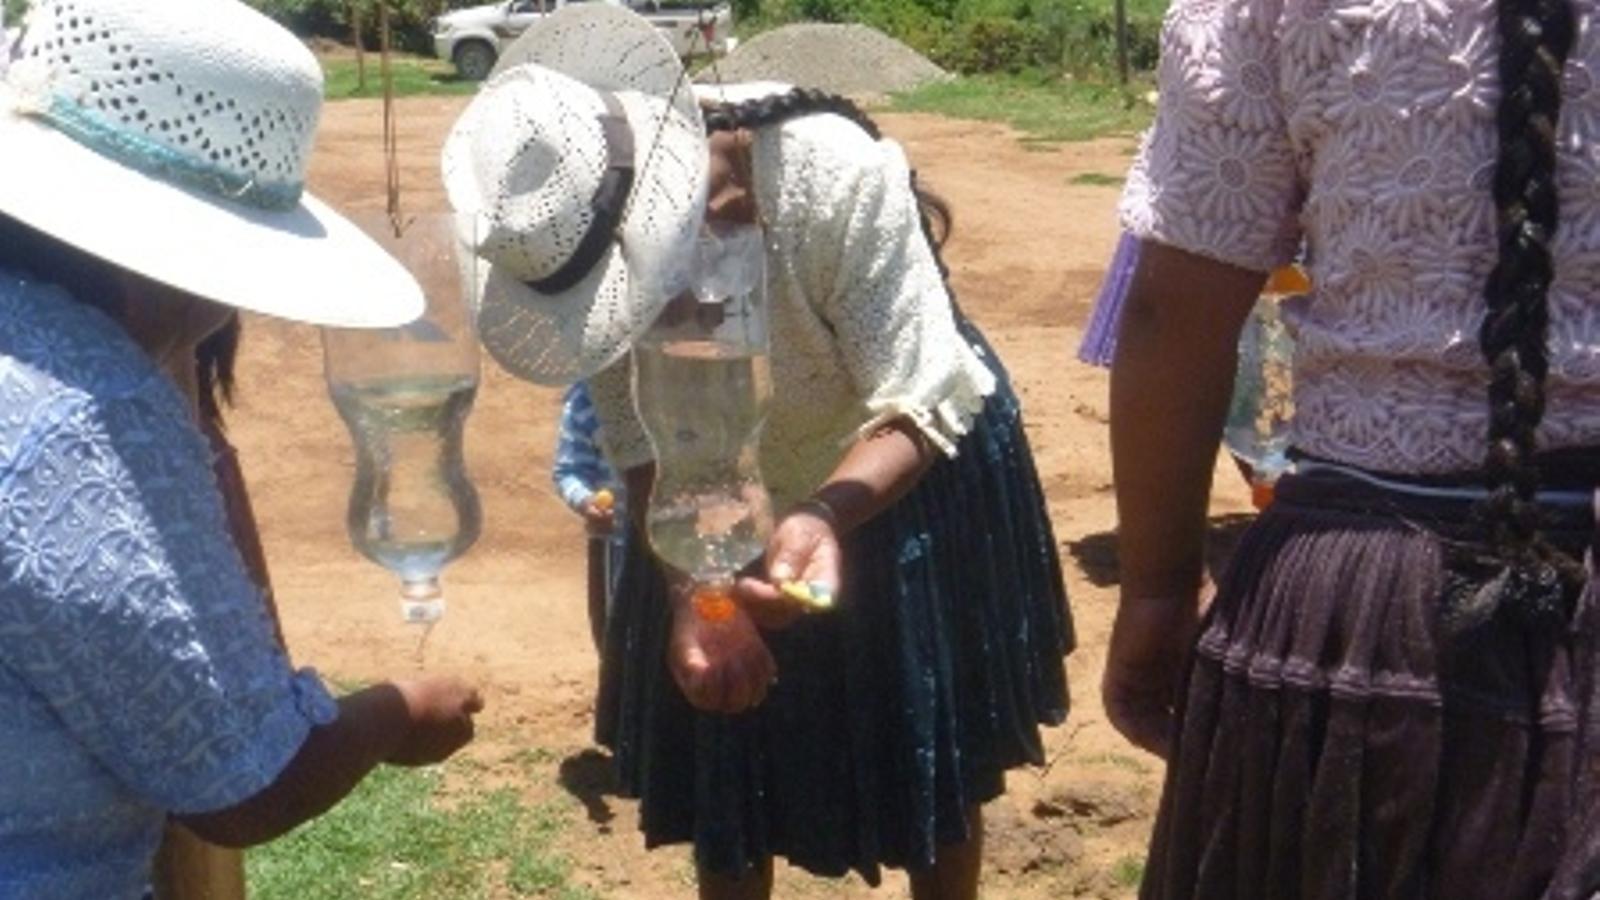 Millora de la governabilitat i l'accés a l'aigua potable a Pocona, Bolívia